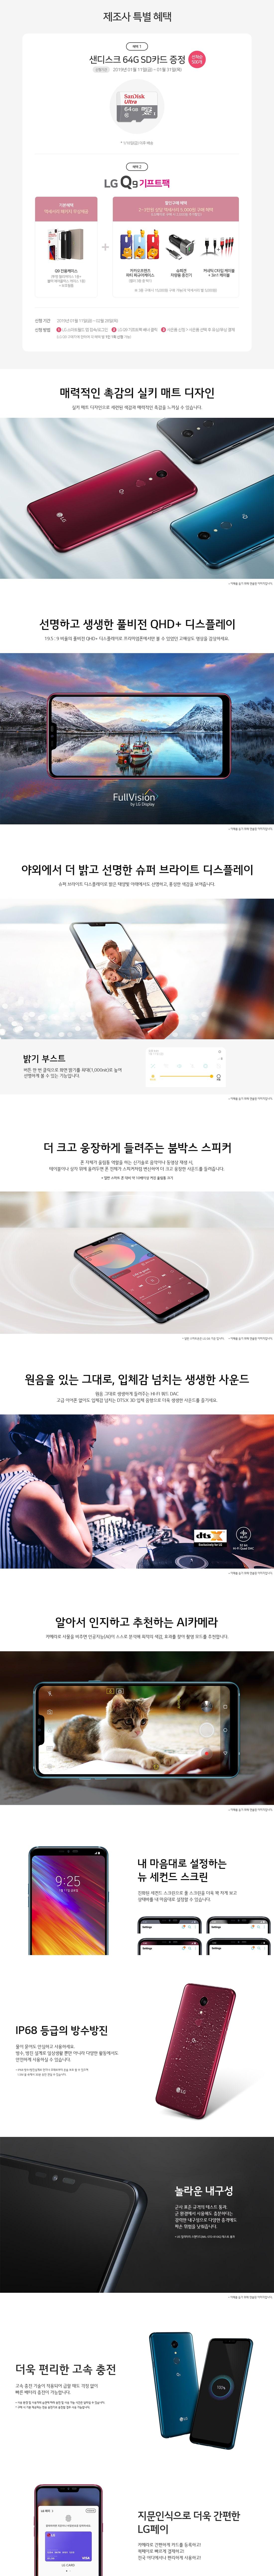 LG Q9 상품 상세 정보 상세정보